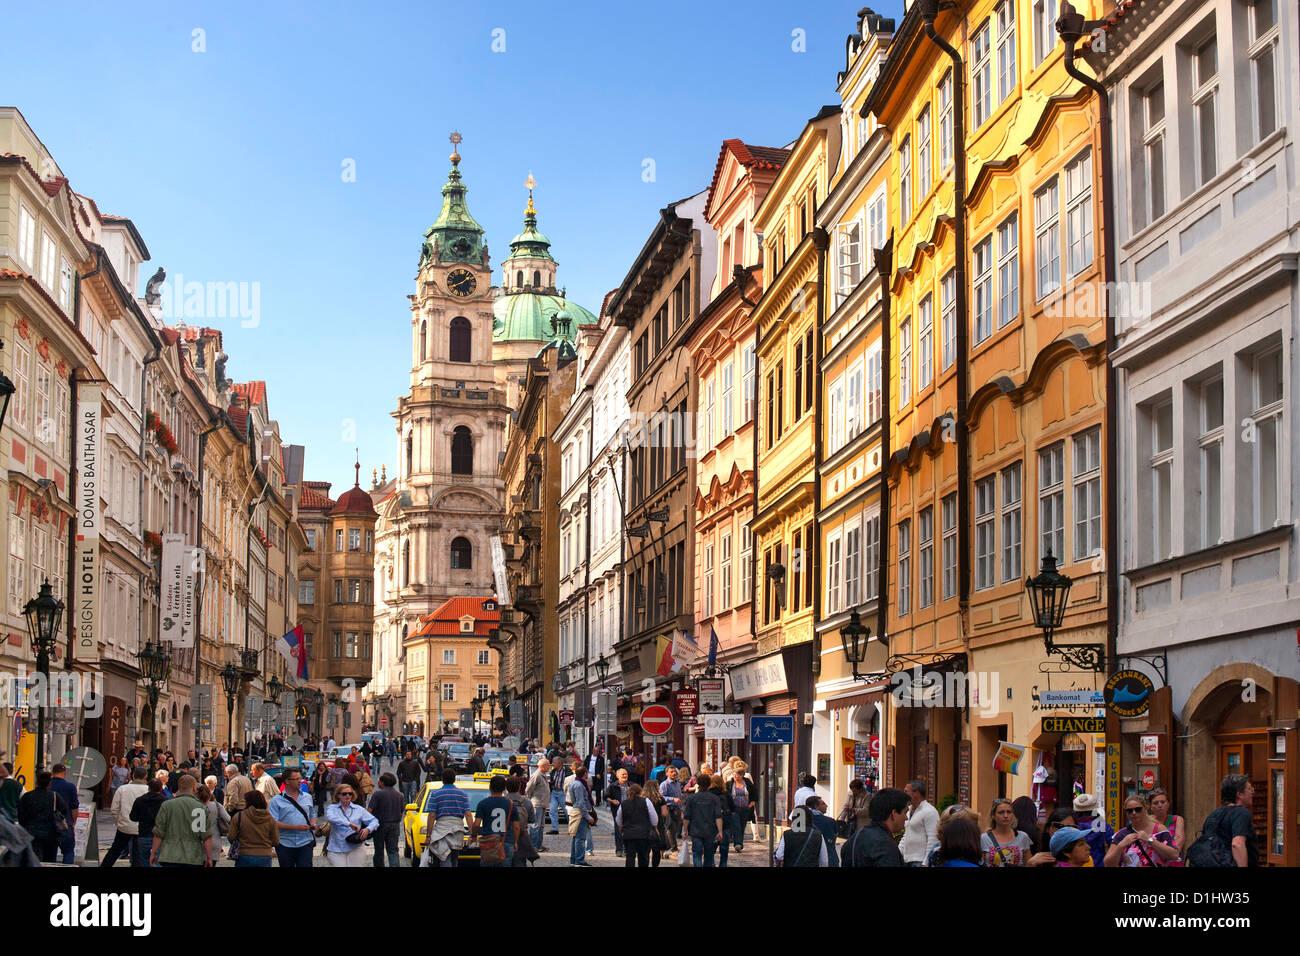 Mostecka street a Praga, la capitale della Repubblica ceca. Immagini Stock